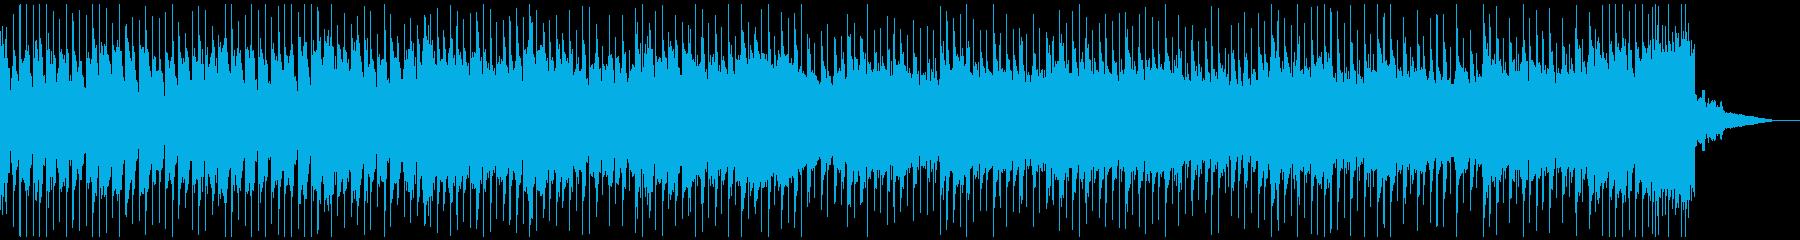 報道系のニュース番組用BGMの再生済みの波形